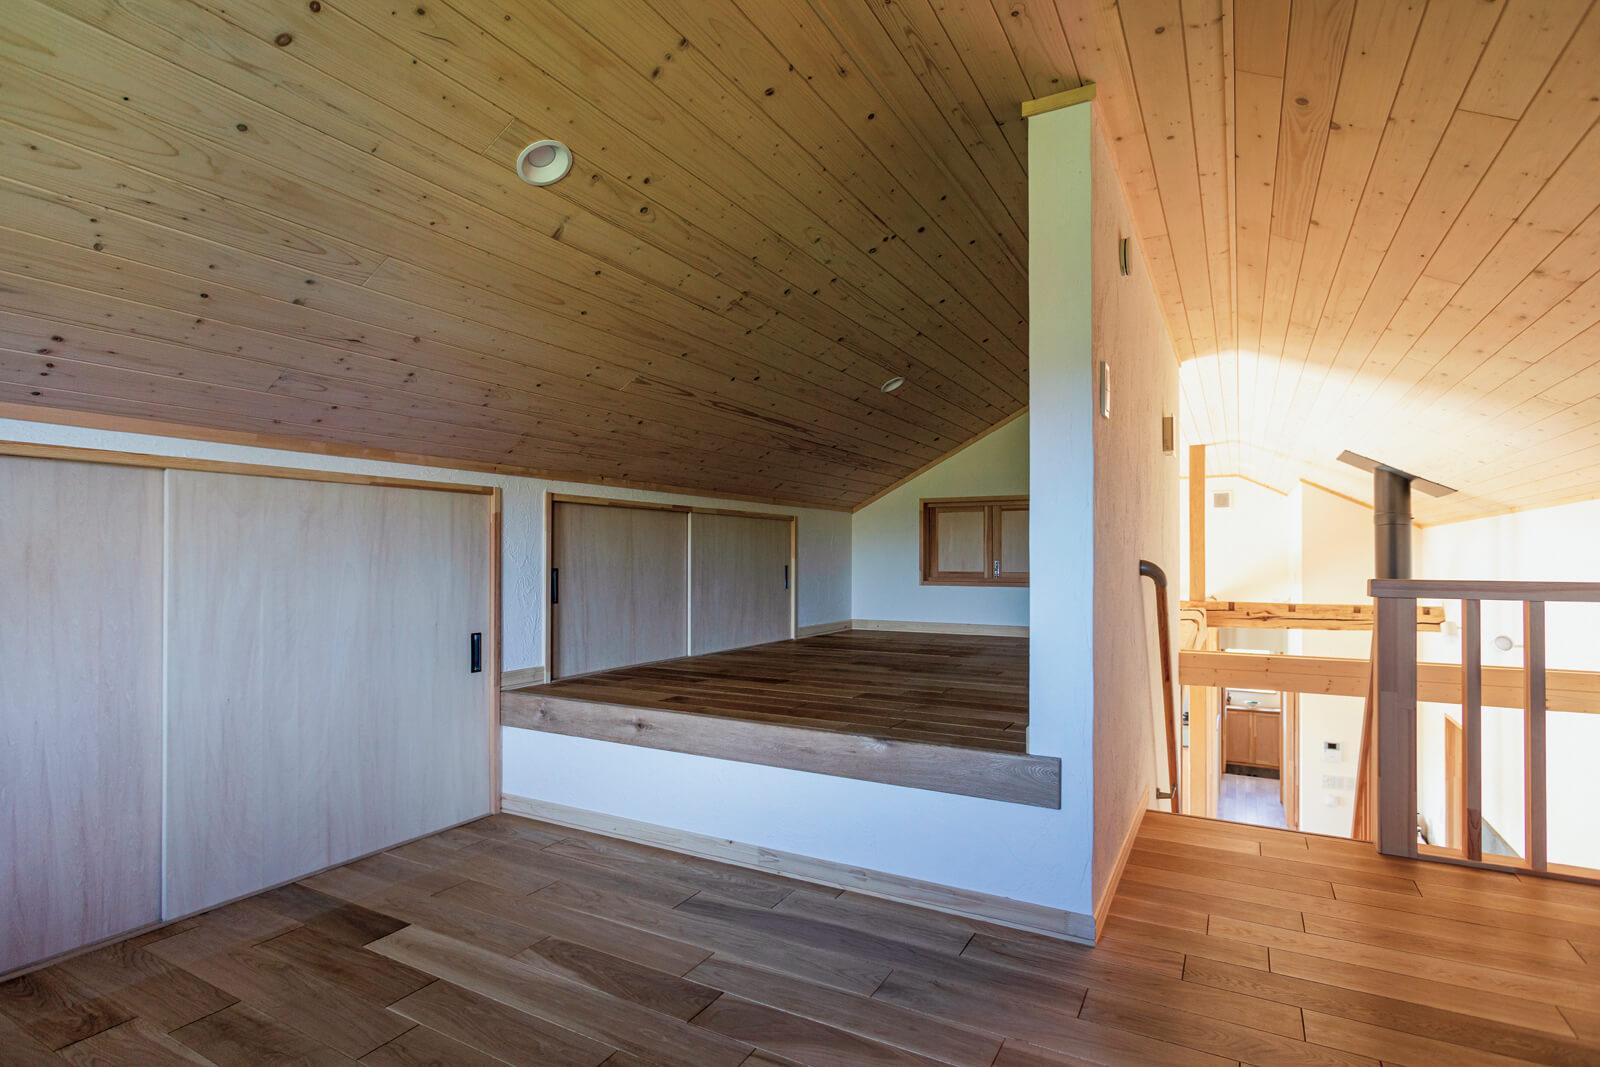 2階のロフトは旭川の高校の寮に入っている長男が帰ってきたときに寝起きする場所でもある